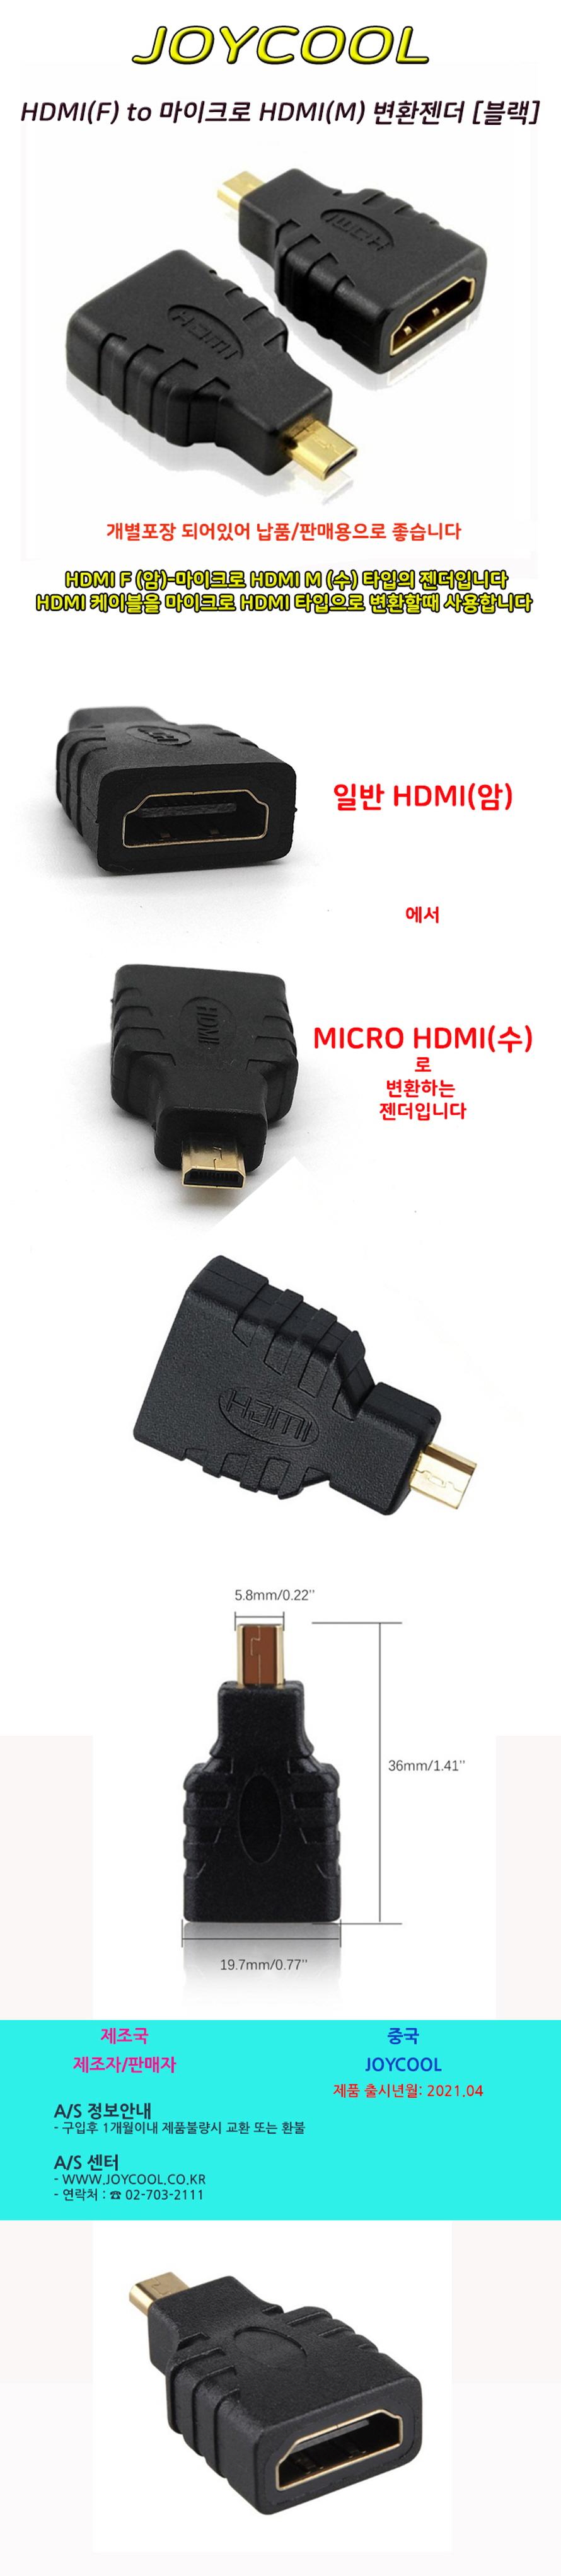 조이쿨 조이쿨 HDMI to Micro HDMI 변환 젠더